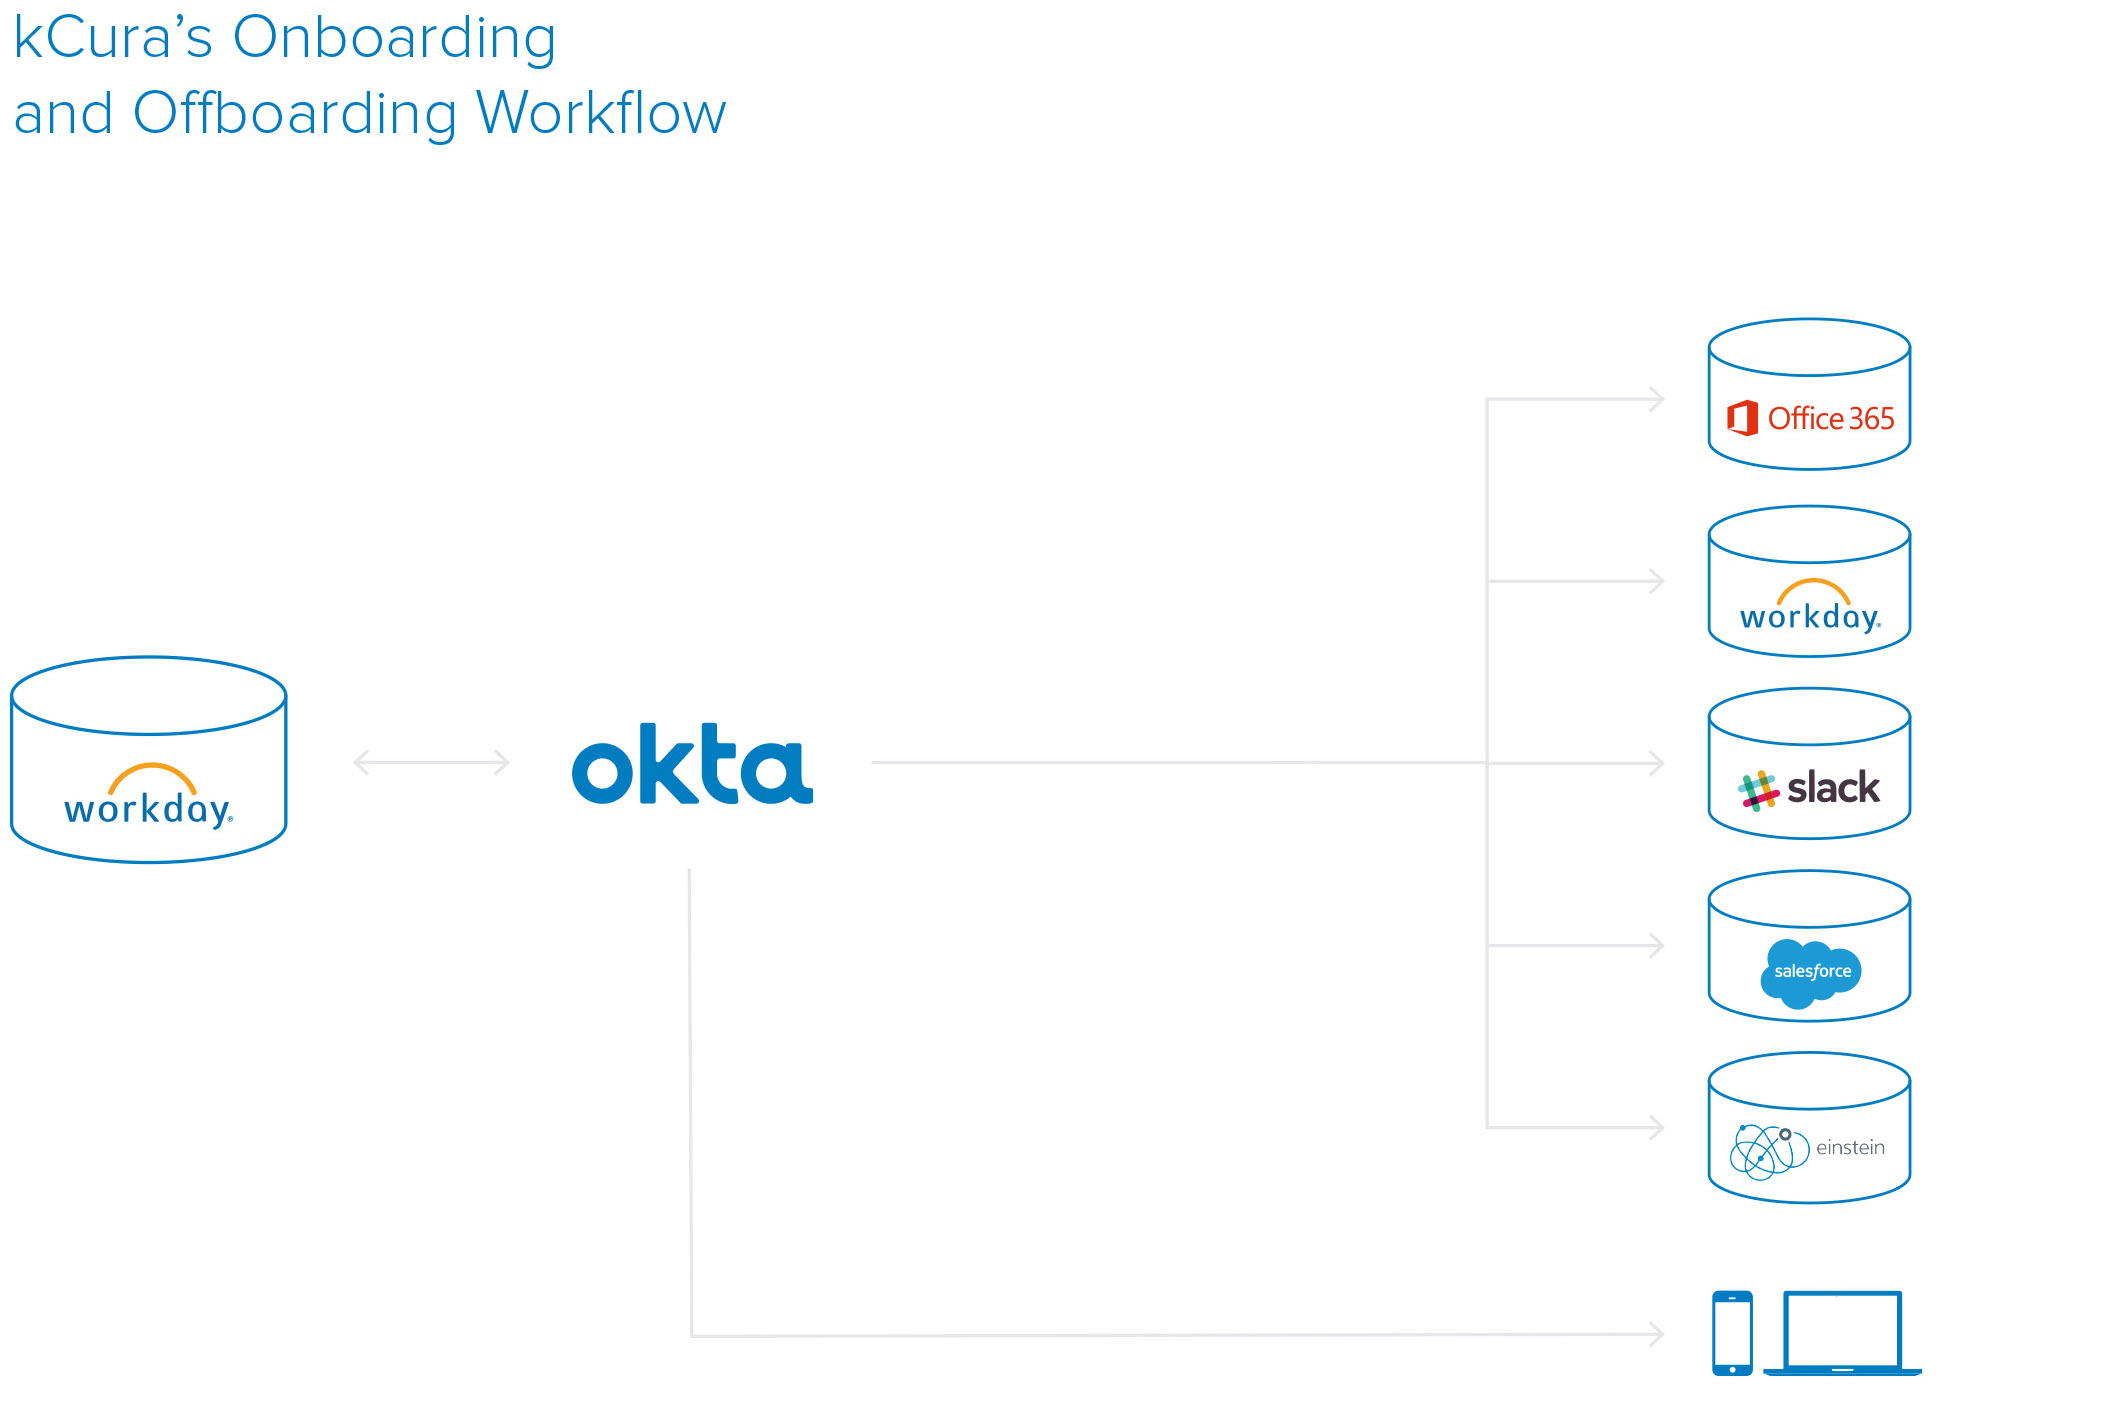 Okta kCura workflow